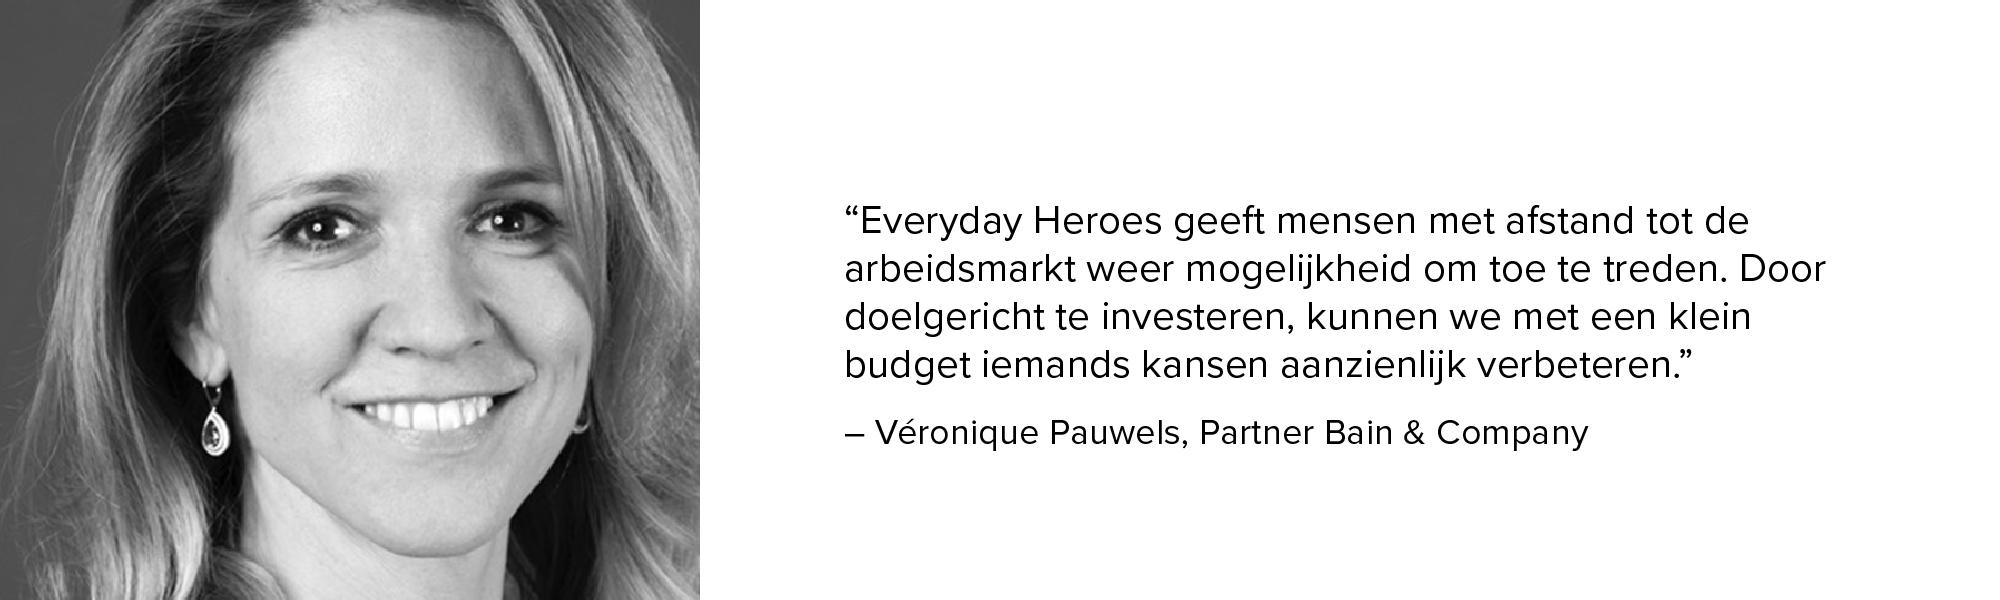 Véronique Pauwels@2x-100.jpg